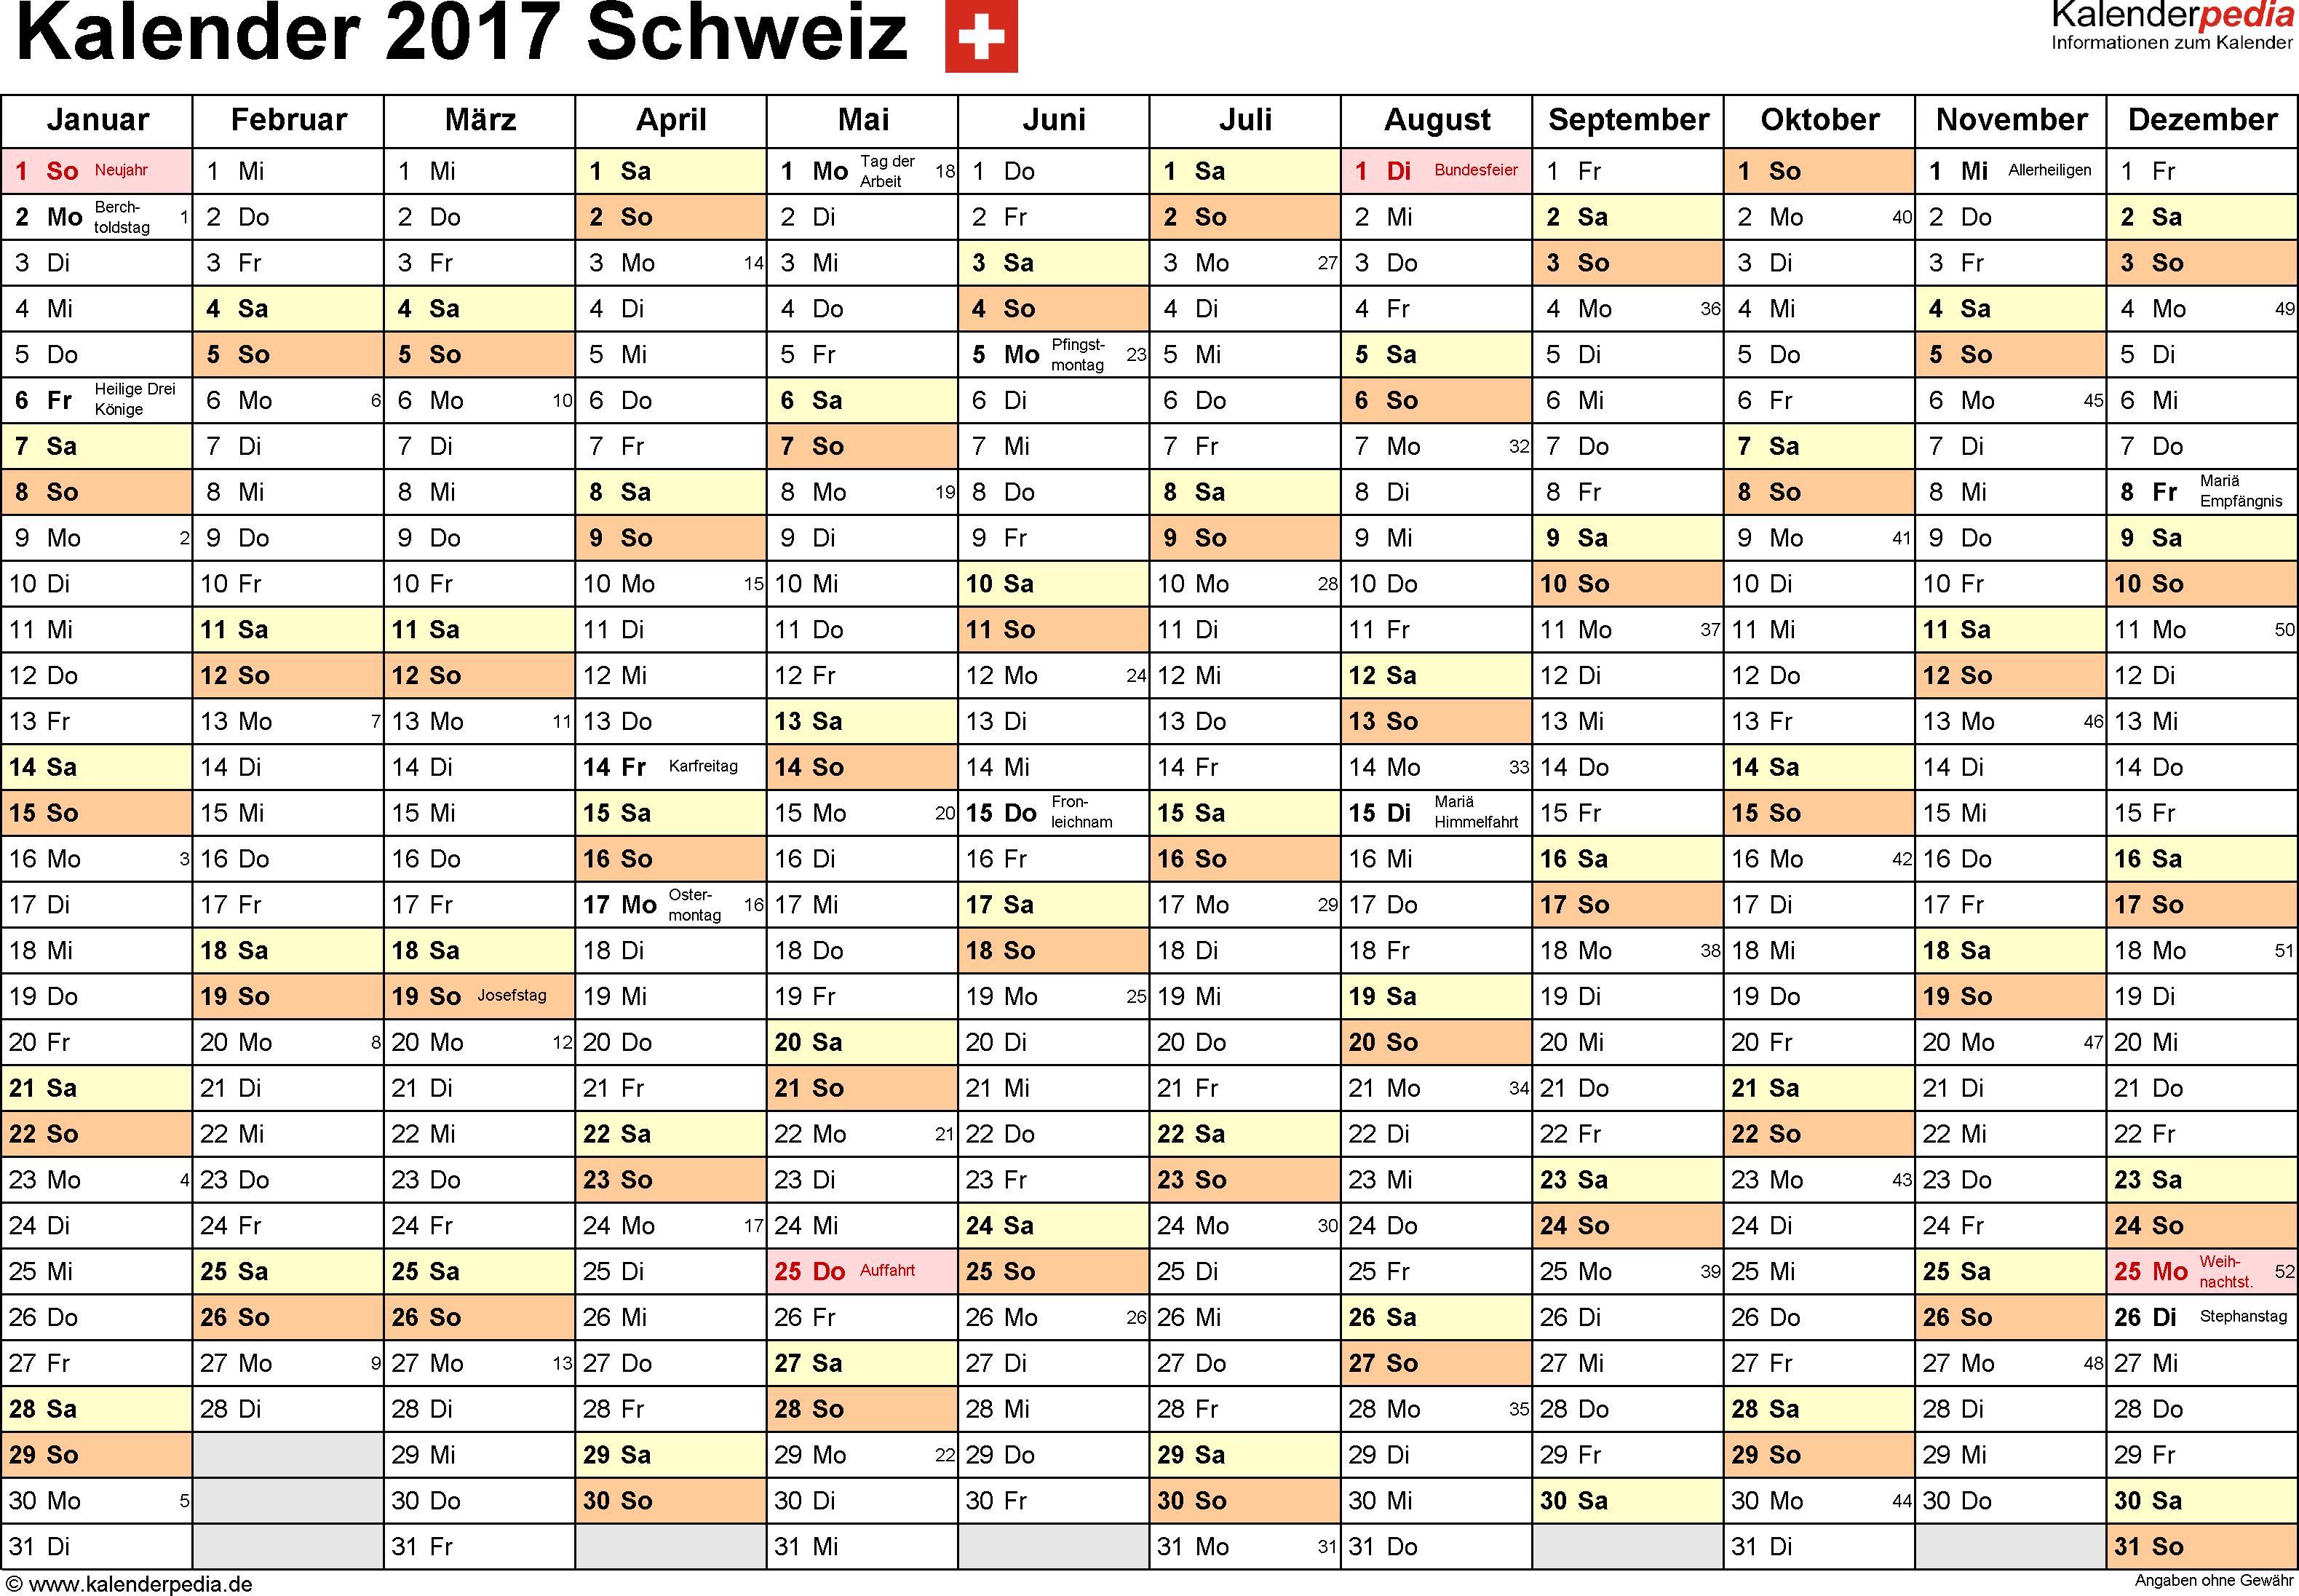 Vorlage 2: Kalender 2017 für